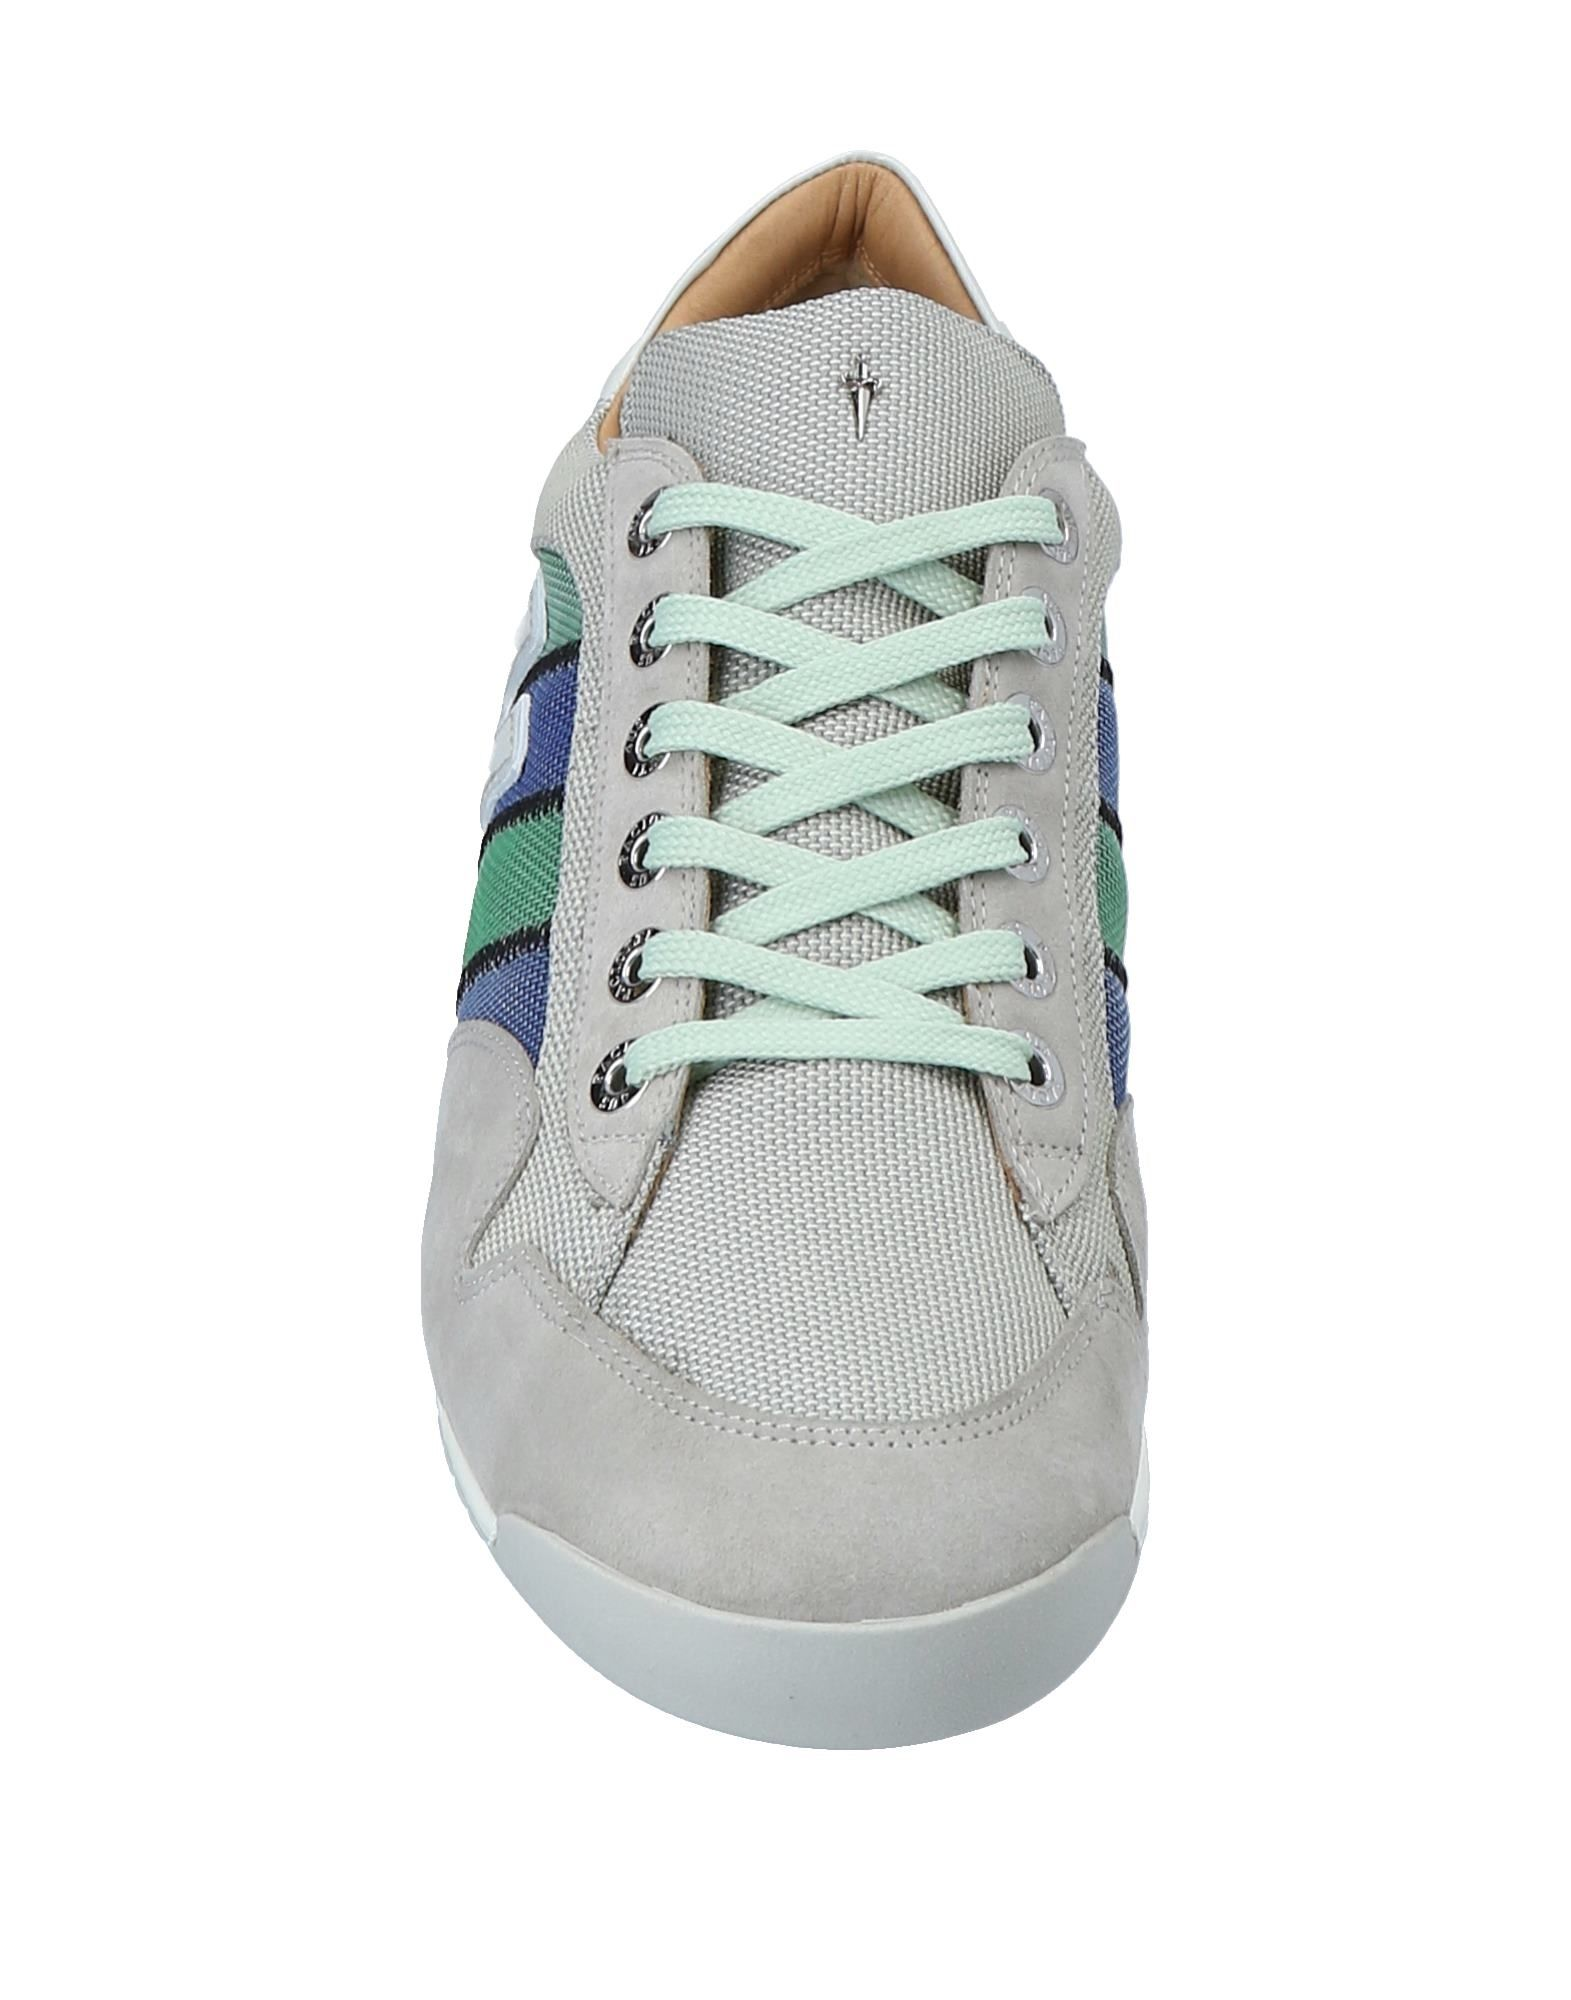 Rabatt echte Schuhe Cesare Paciotti 11549846JX 4Us Sneakers Herren  11549846JX Paciotti 7813b0